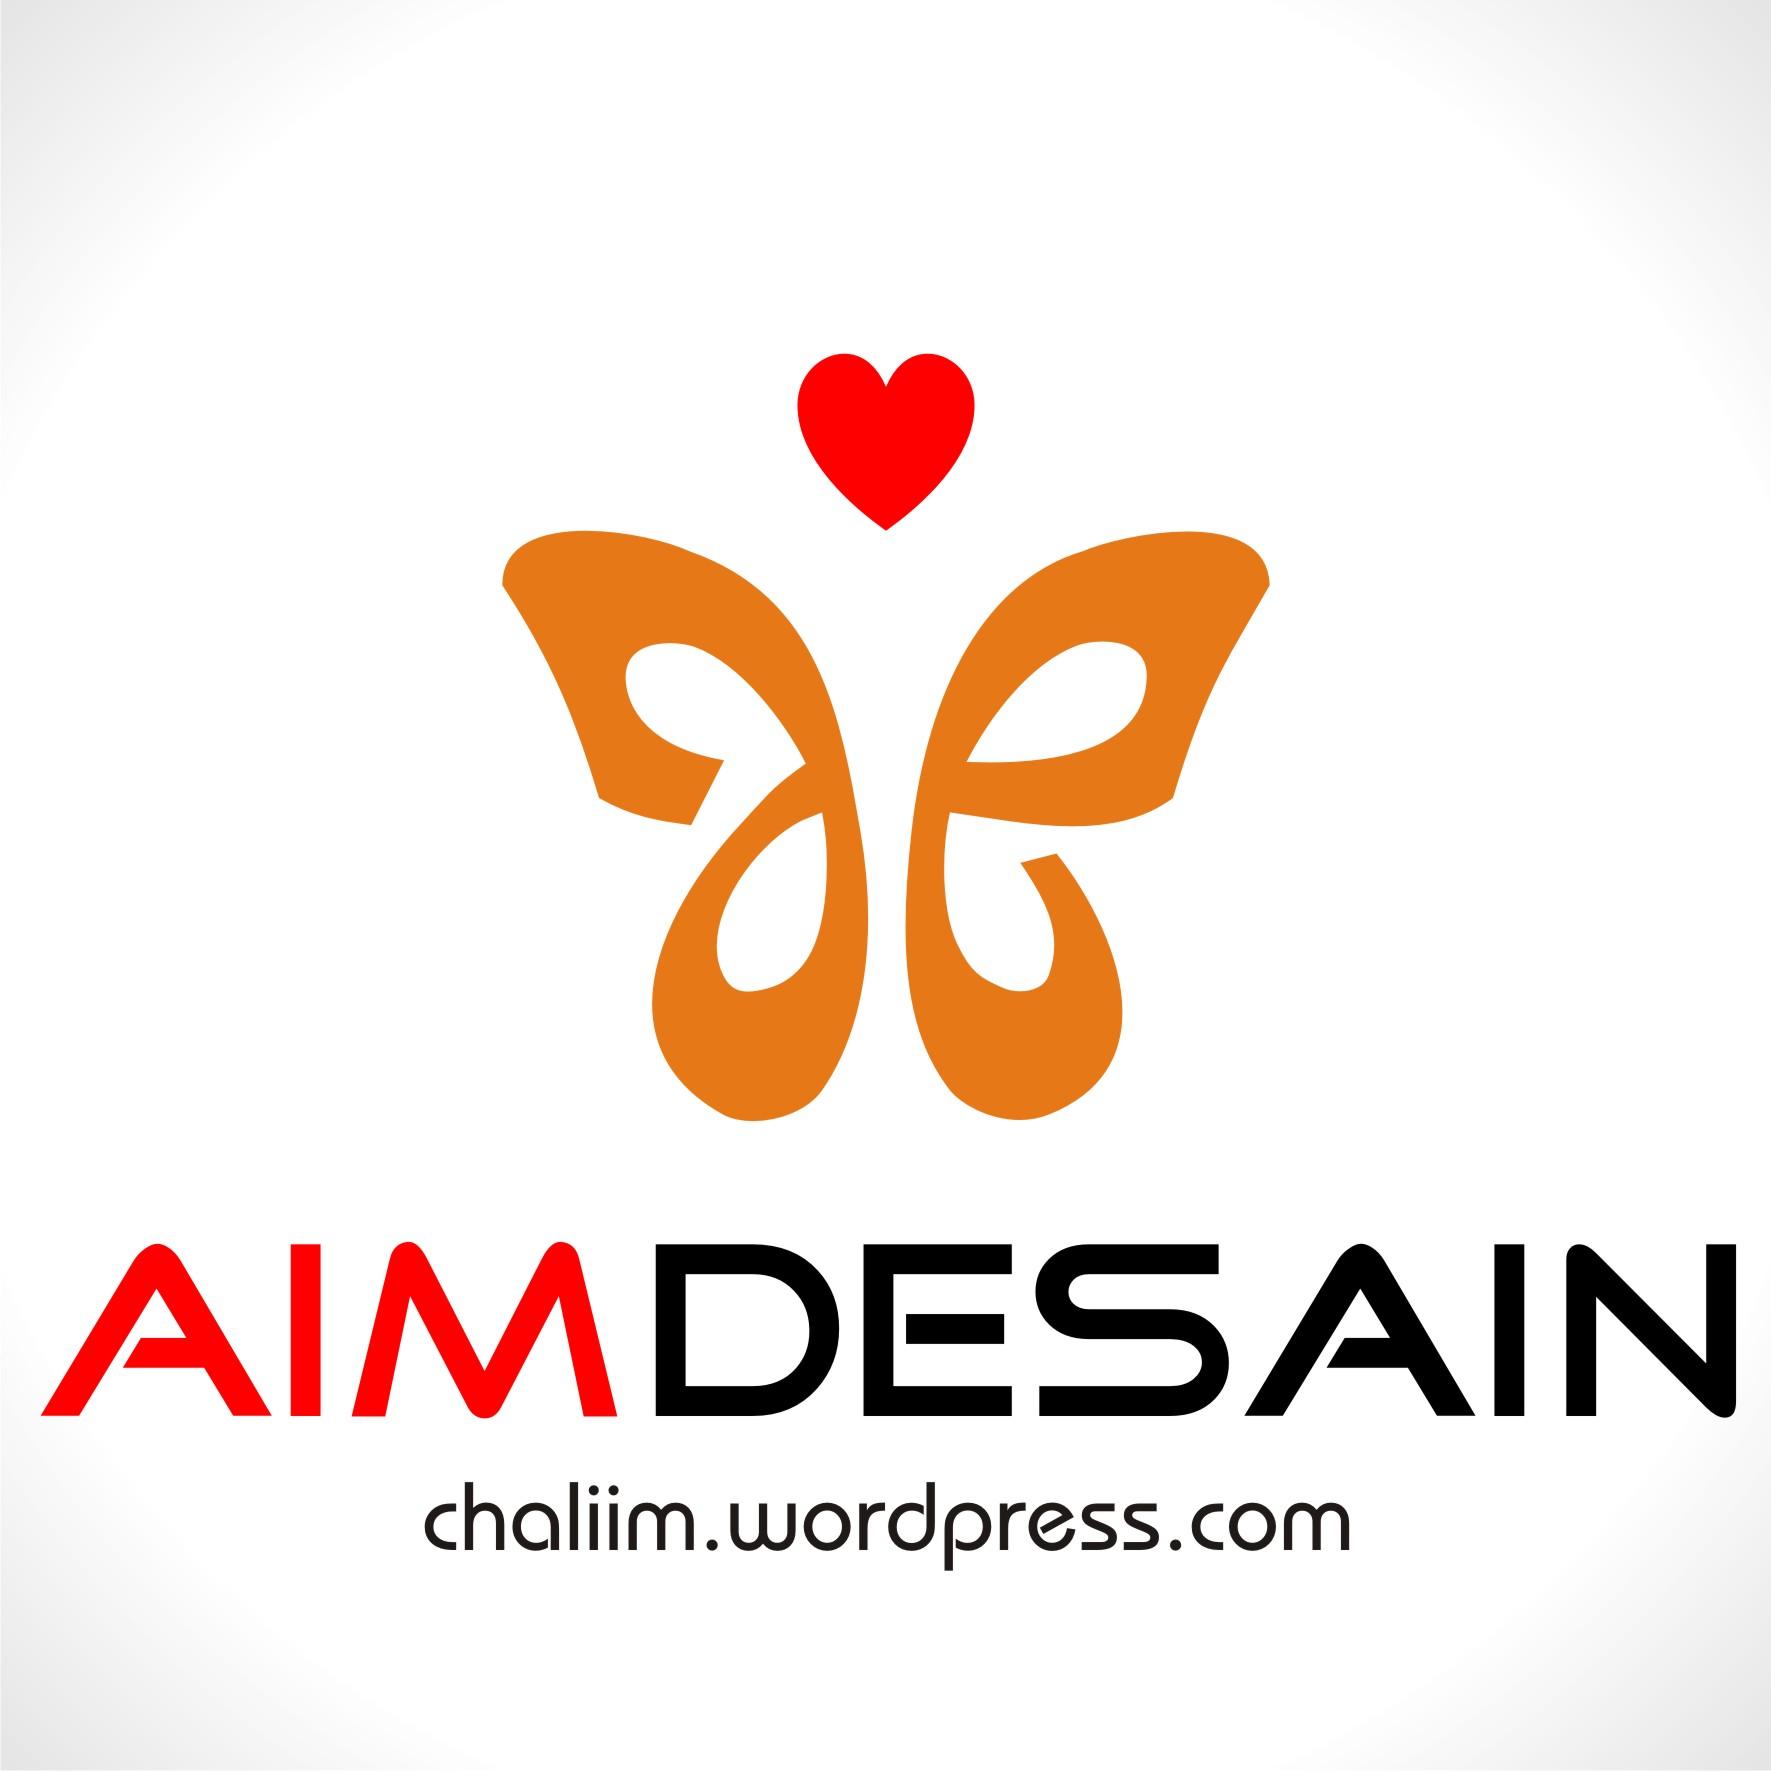 Desain ini dipersembahkan oleh AIM DESAIN istimewa untuk Anda yang